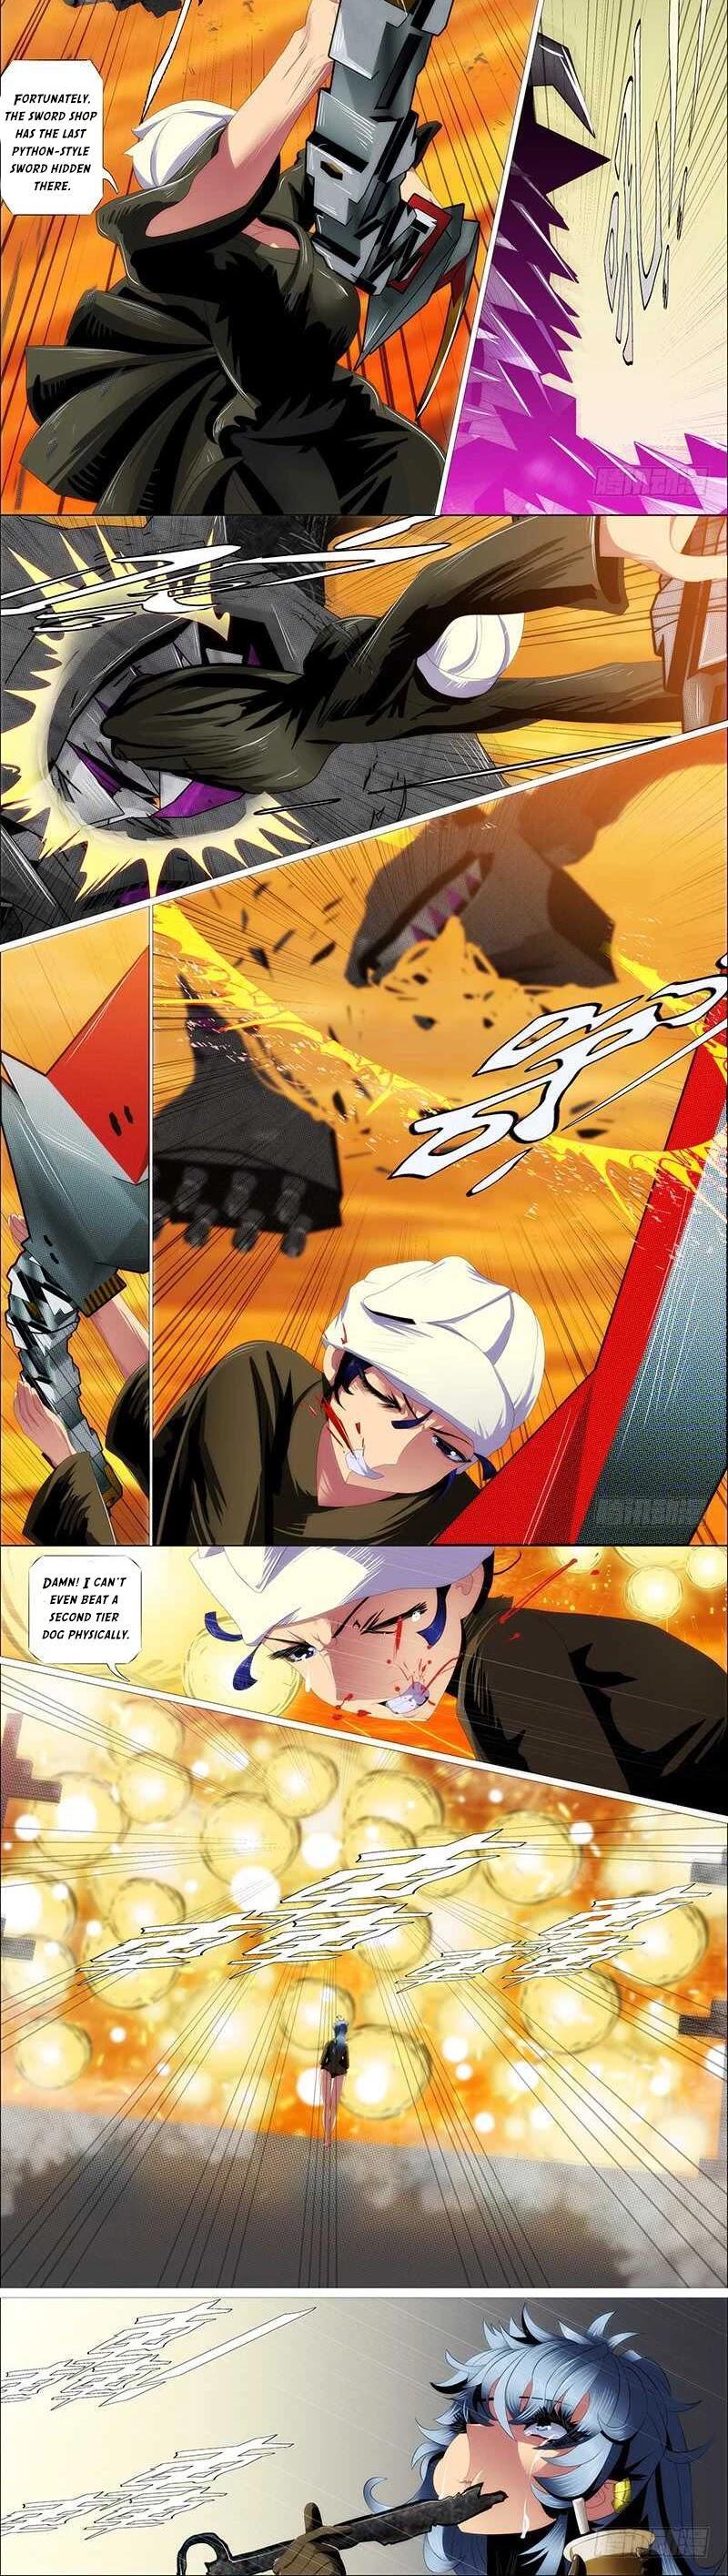 Iron Ladies Chapter 359 page 7 - Mangakakalot